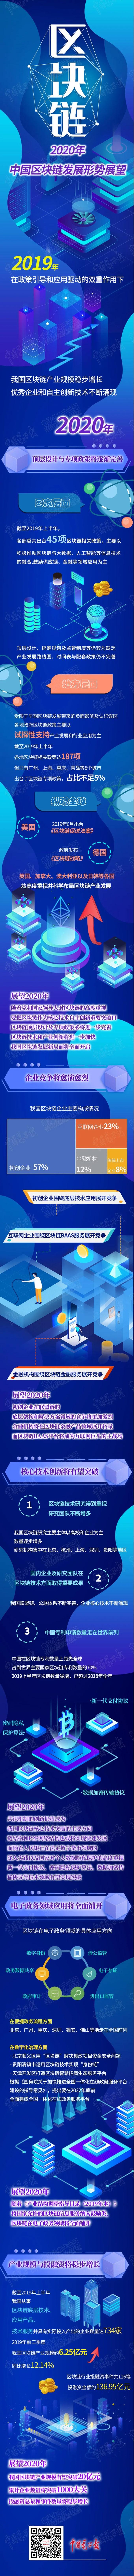 一图读懂2020年中国区块链产业发展形势.jpg